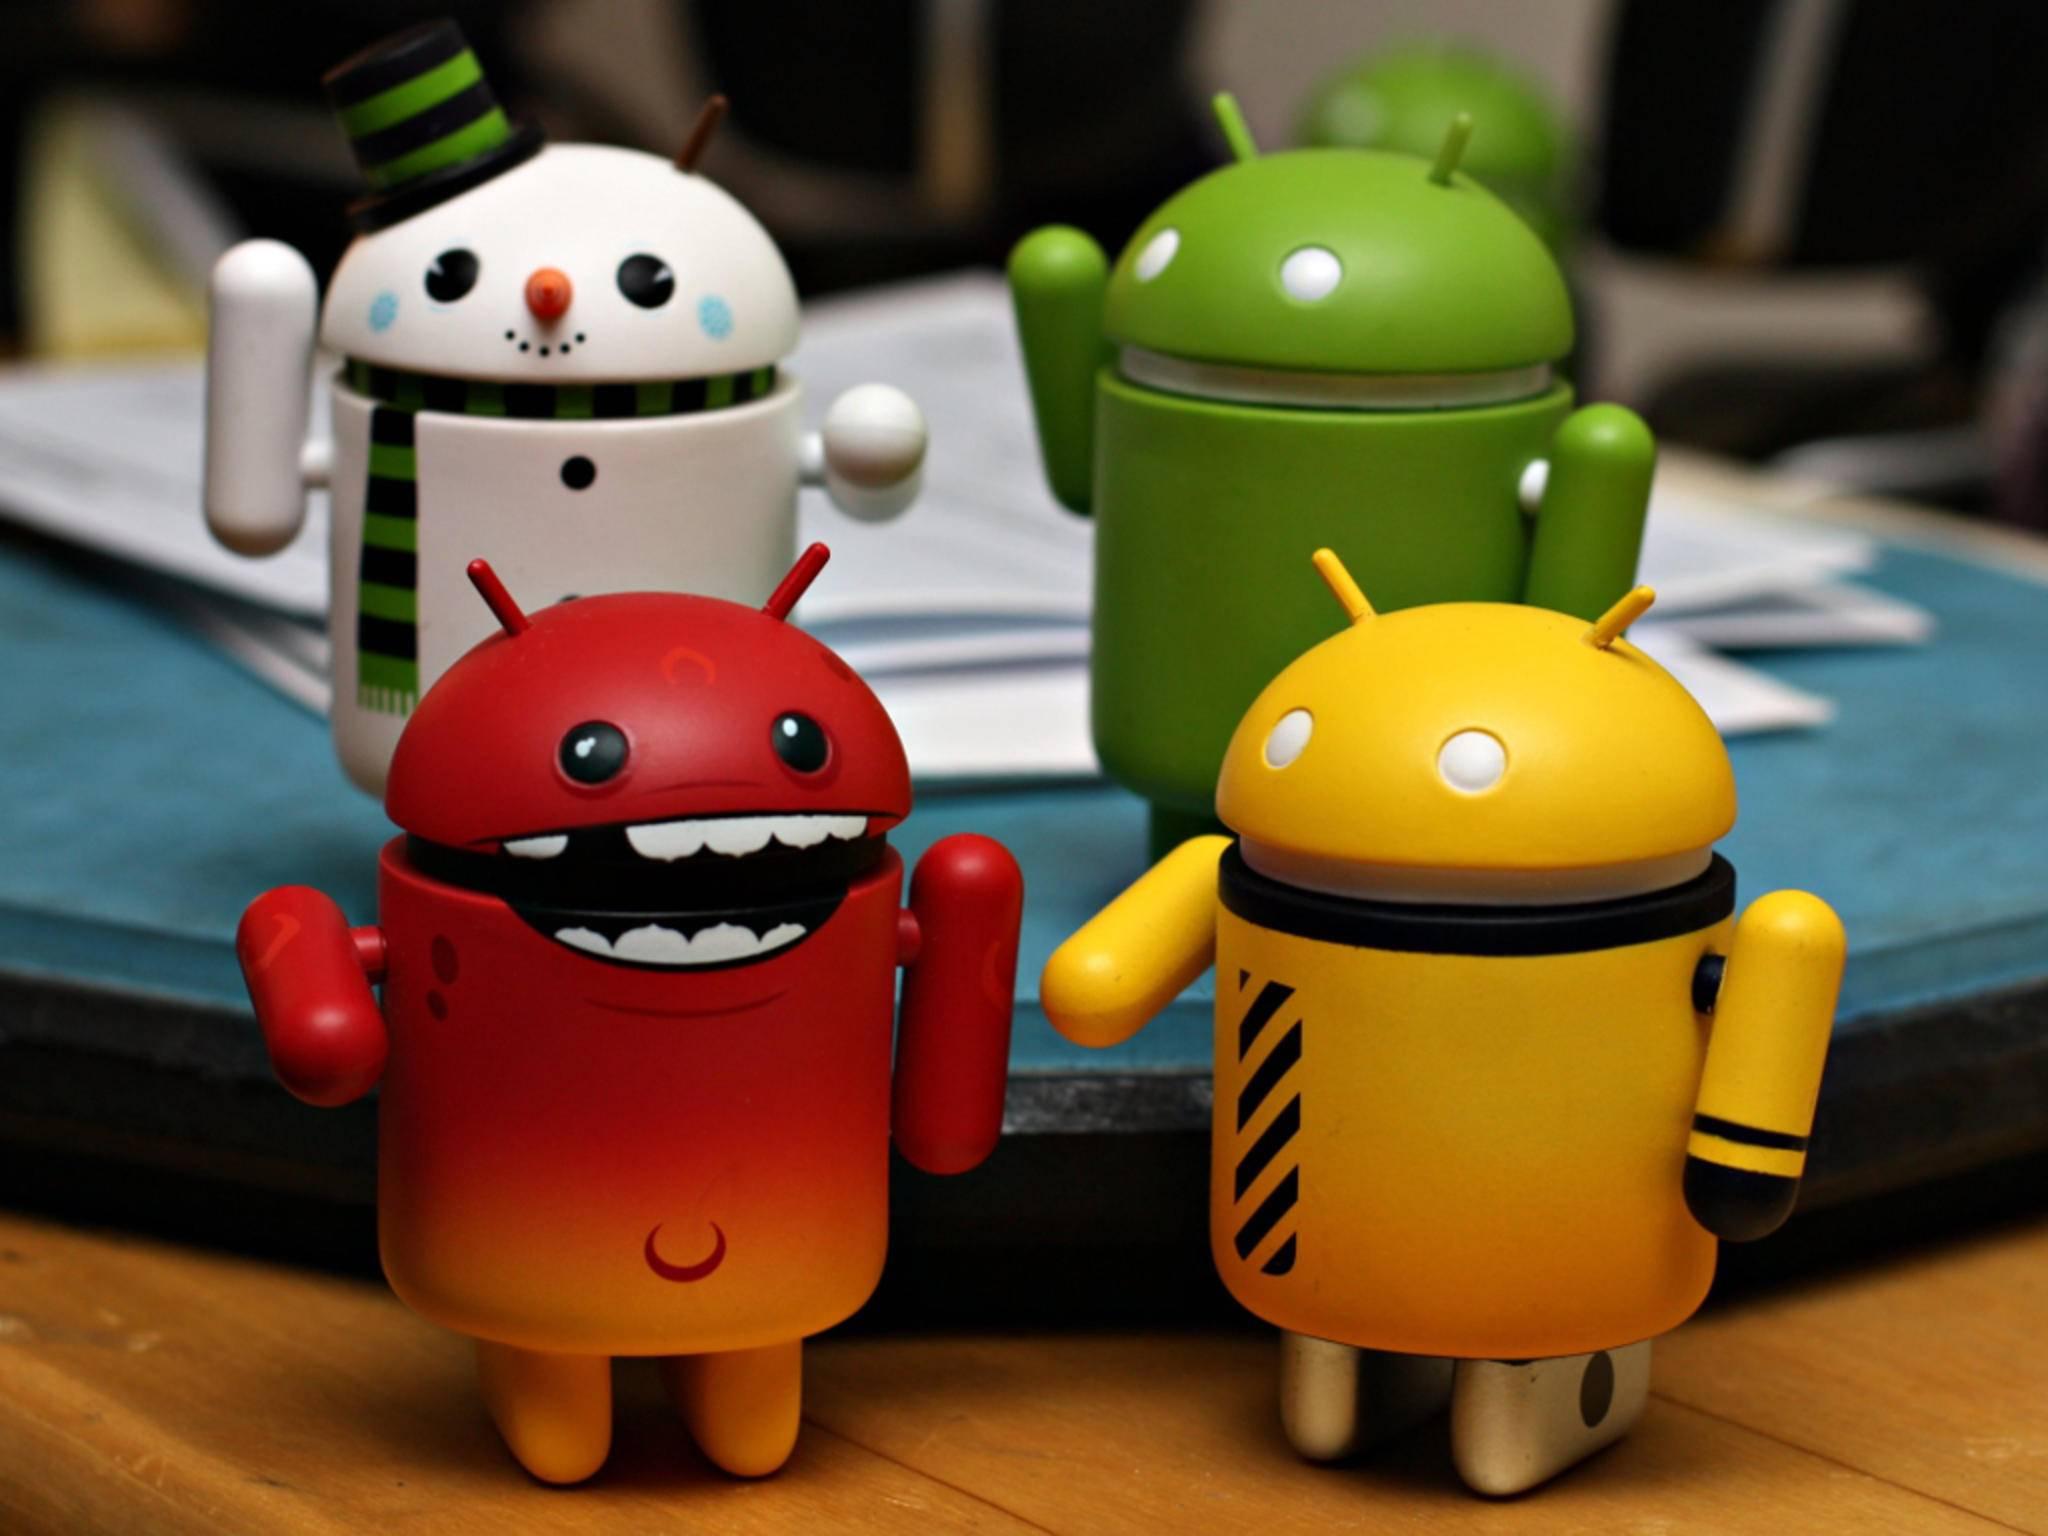 Viele Android-Apps lassen sich auch an PC oder Mac ausführen.